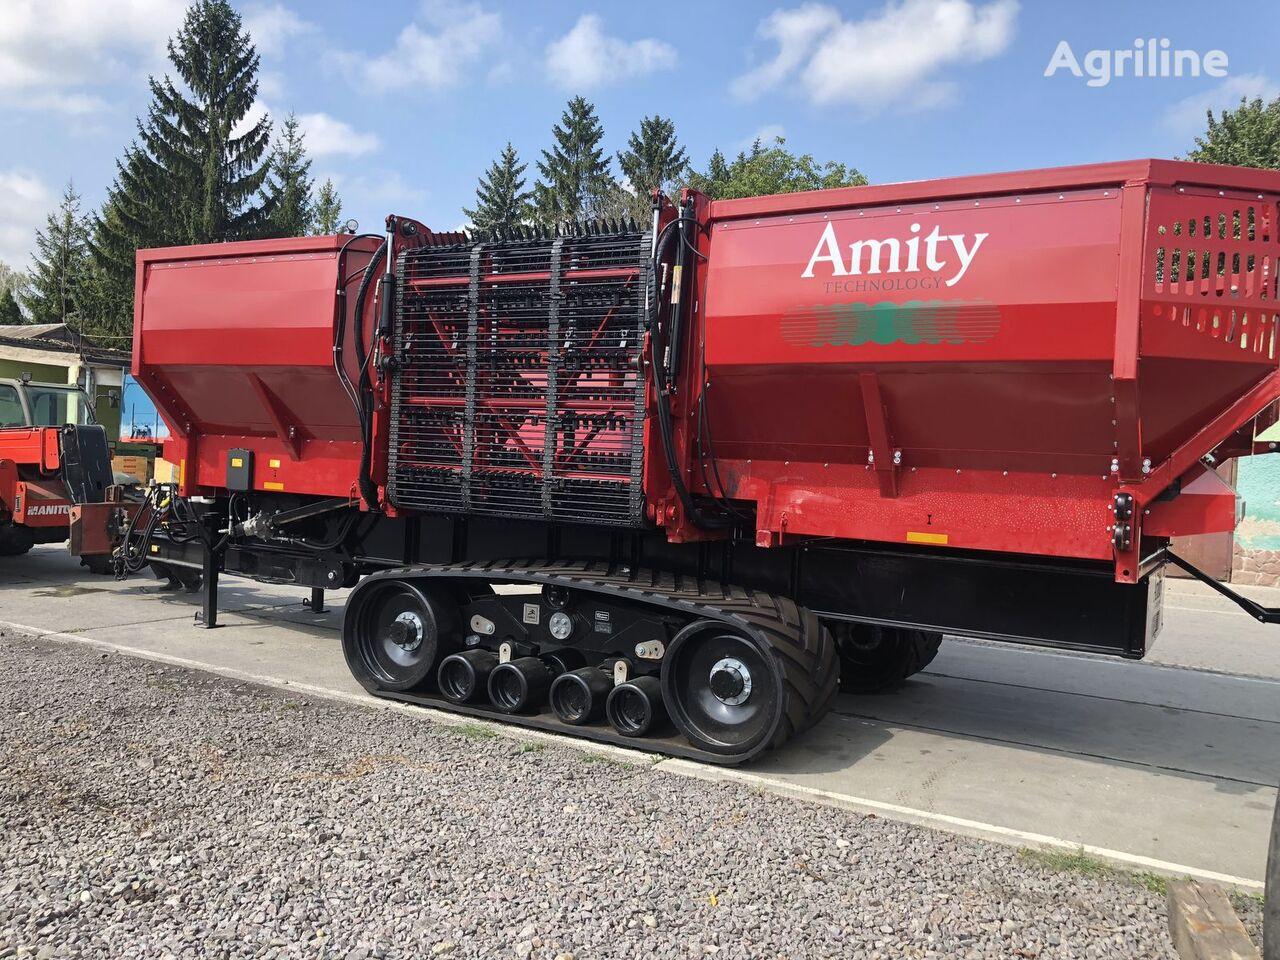 AMITY TECHNOLOGY cosechadora de remolachas nueva